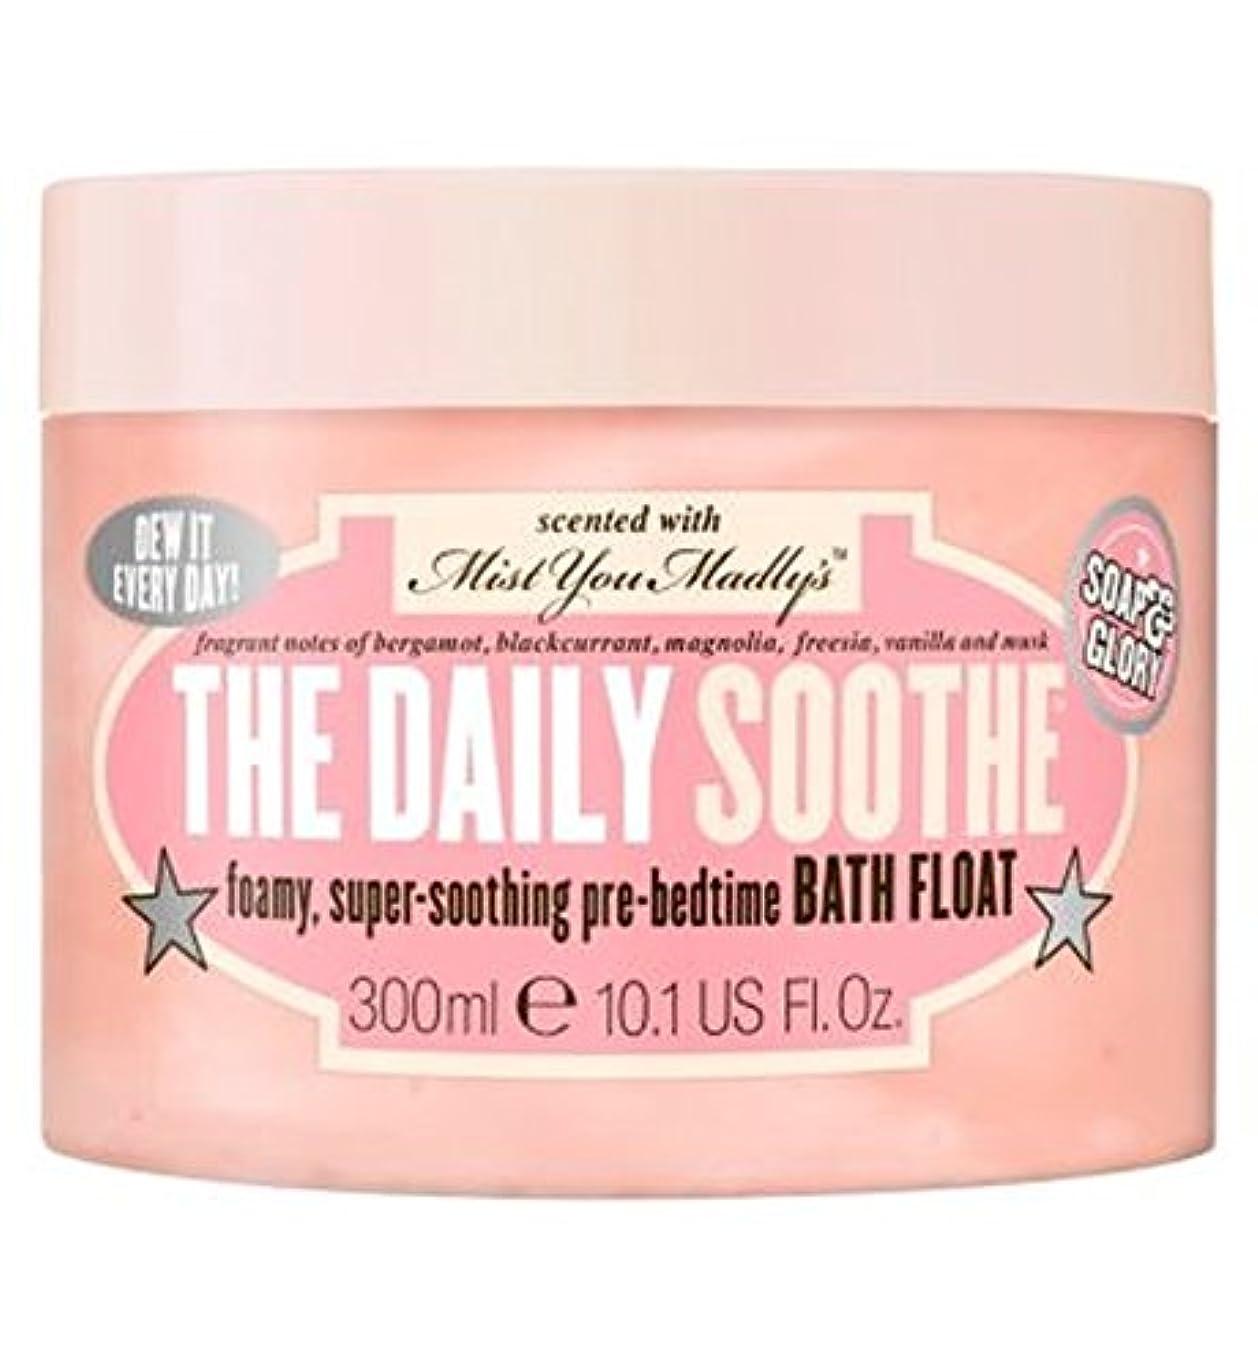 残酷な指令イライラするSoap & Glory The Daily Soothe Bath Float - 石鹸&栄光毎日癒すバスフロート (Soap & Glory) [並行輸入品]